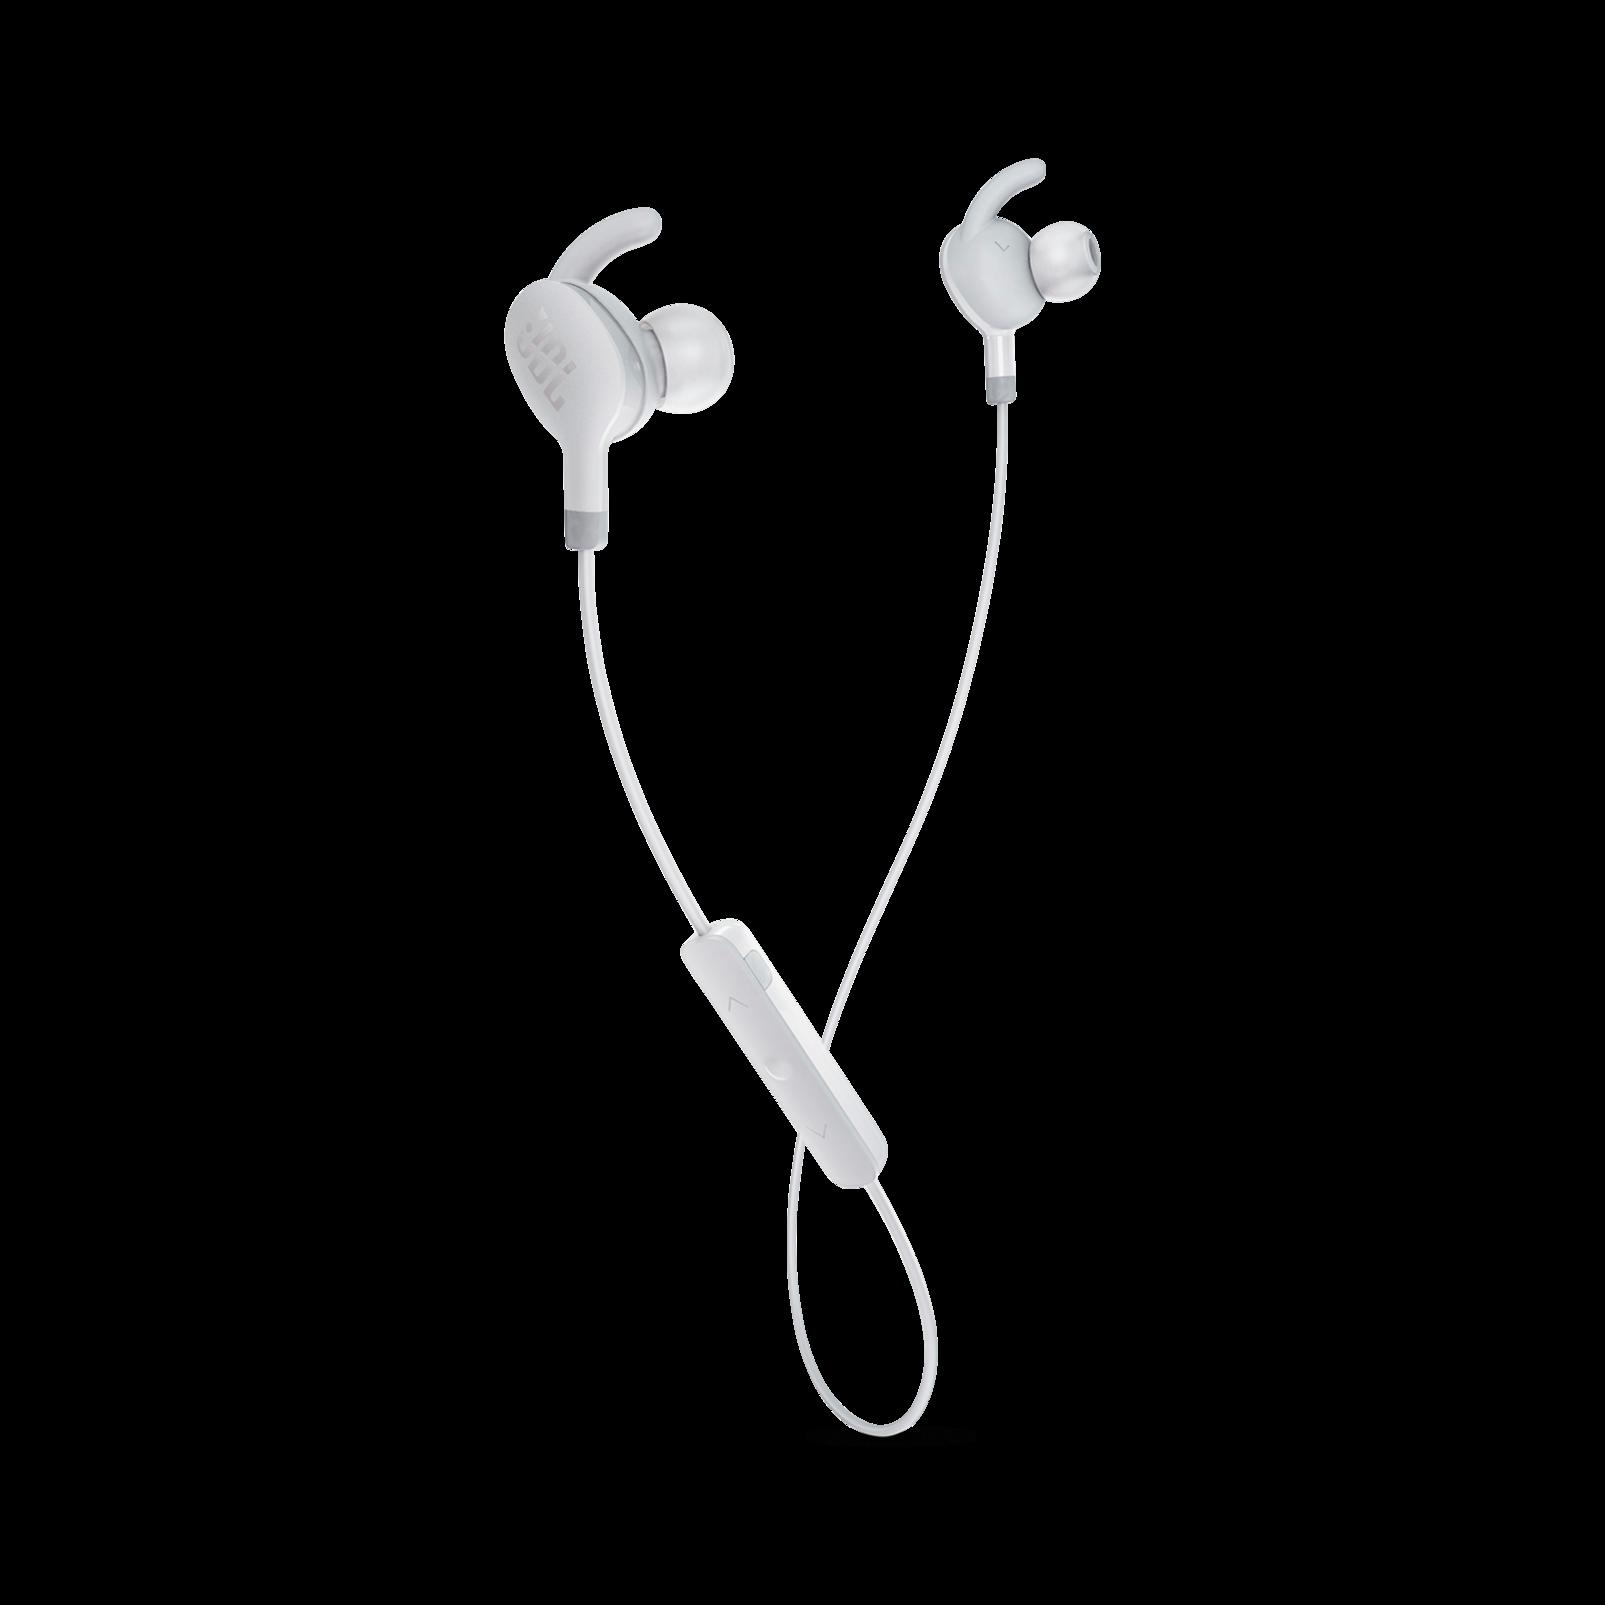 Jbl Everest 100 In Ear Wireless Headphones